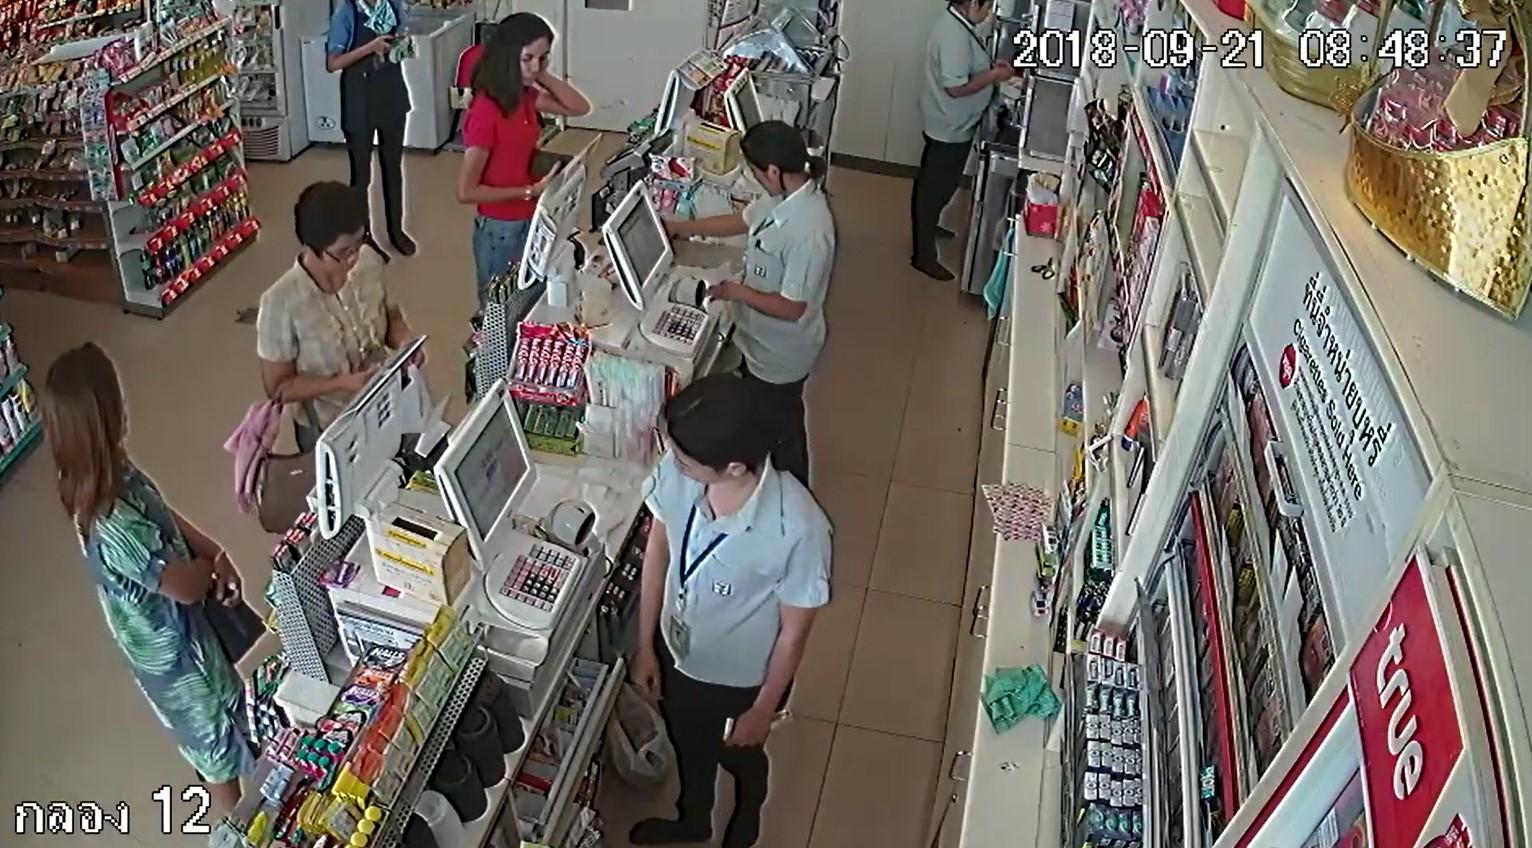 """ซีพีฯแจง""""พนักงานเซเว่น""""โกงเงินลูกค้าเป็นร้านดีลเลอร์ แจ้งเอาผิดตามกฎหมายแล้ว"""